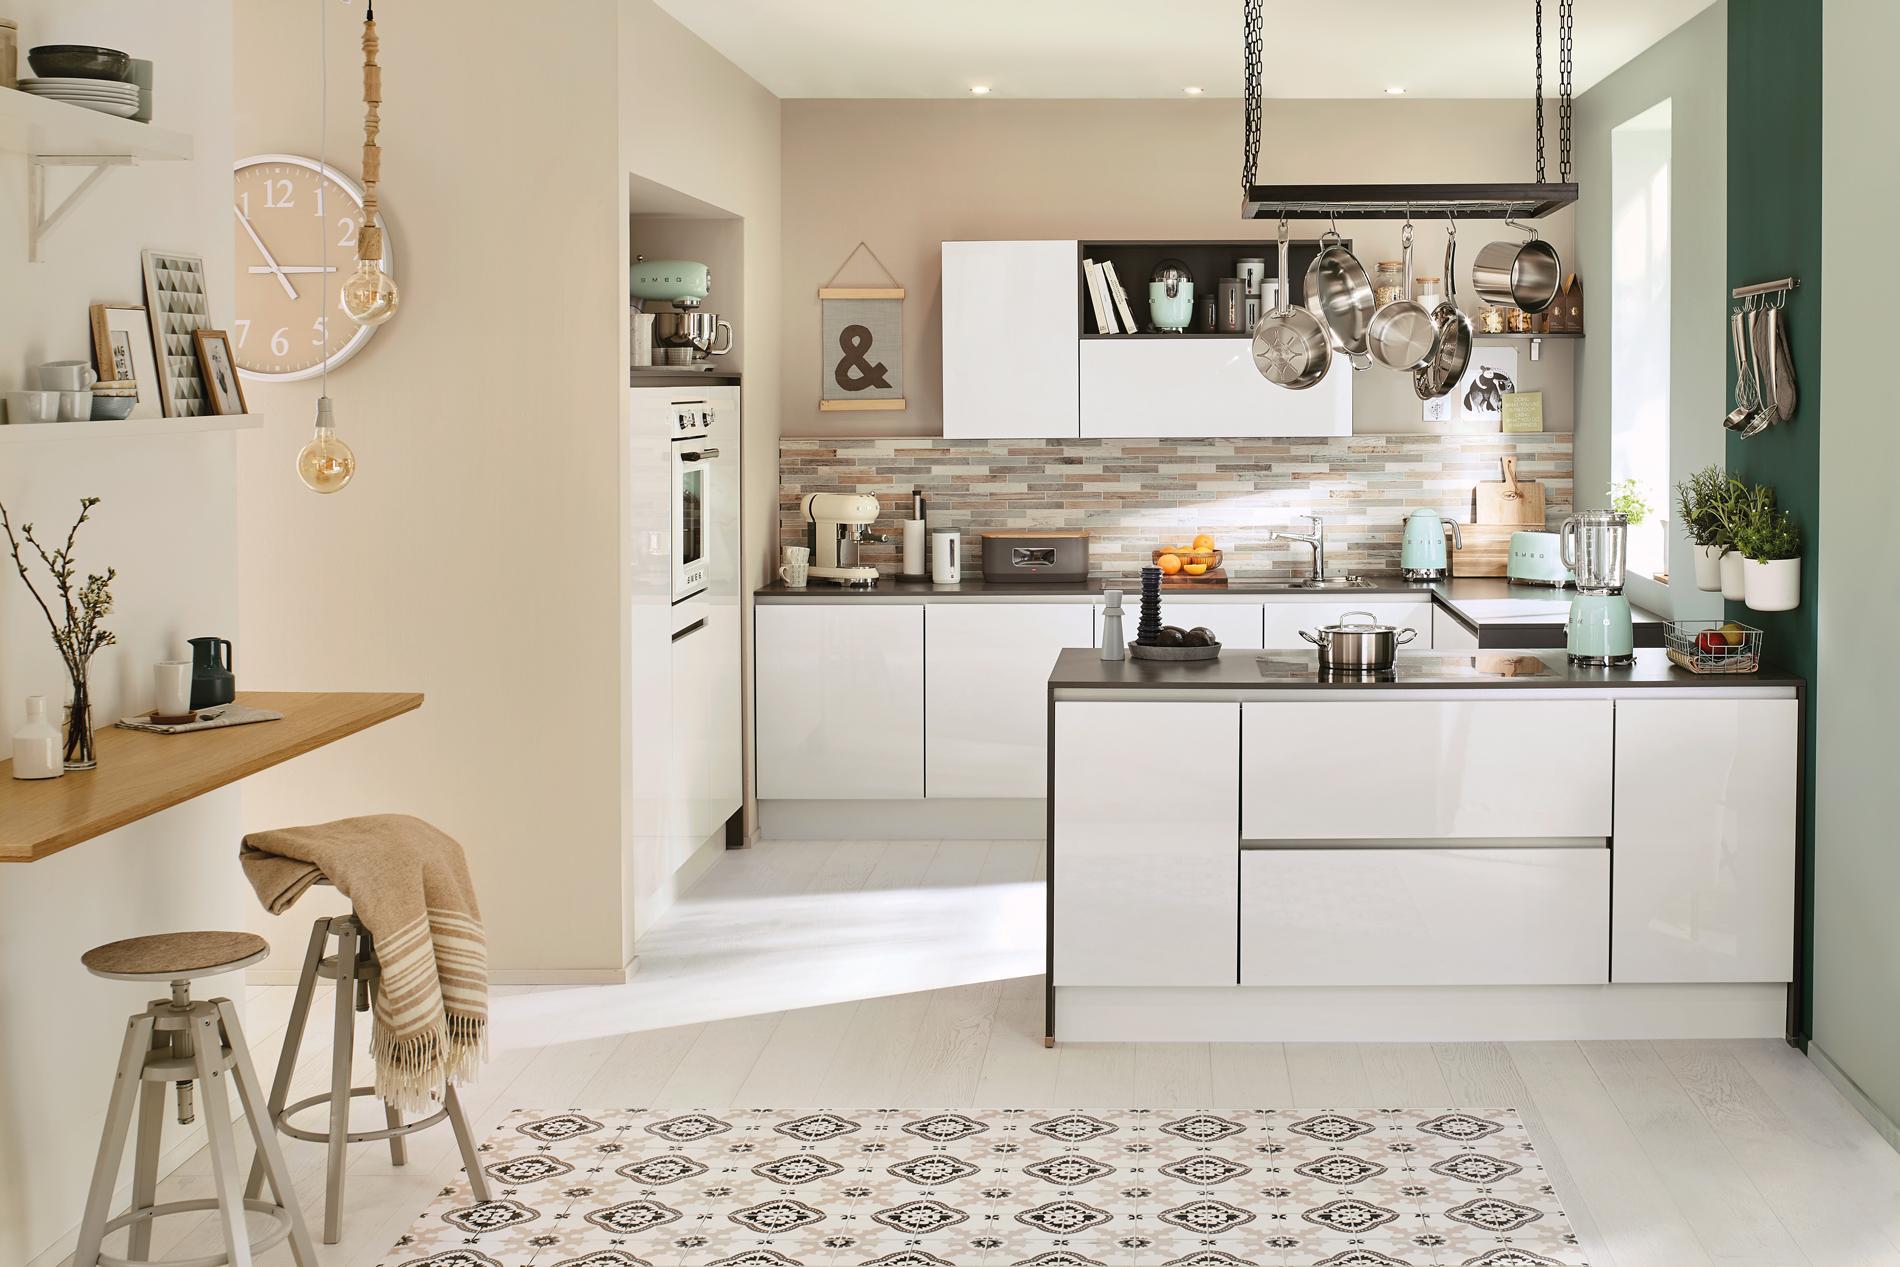 Les 16 commandements pour embellir une cuisine ouverte - Madame Figaro